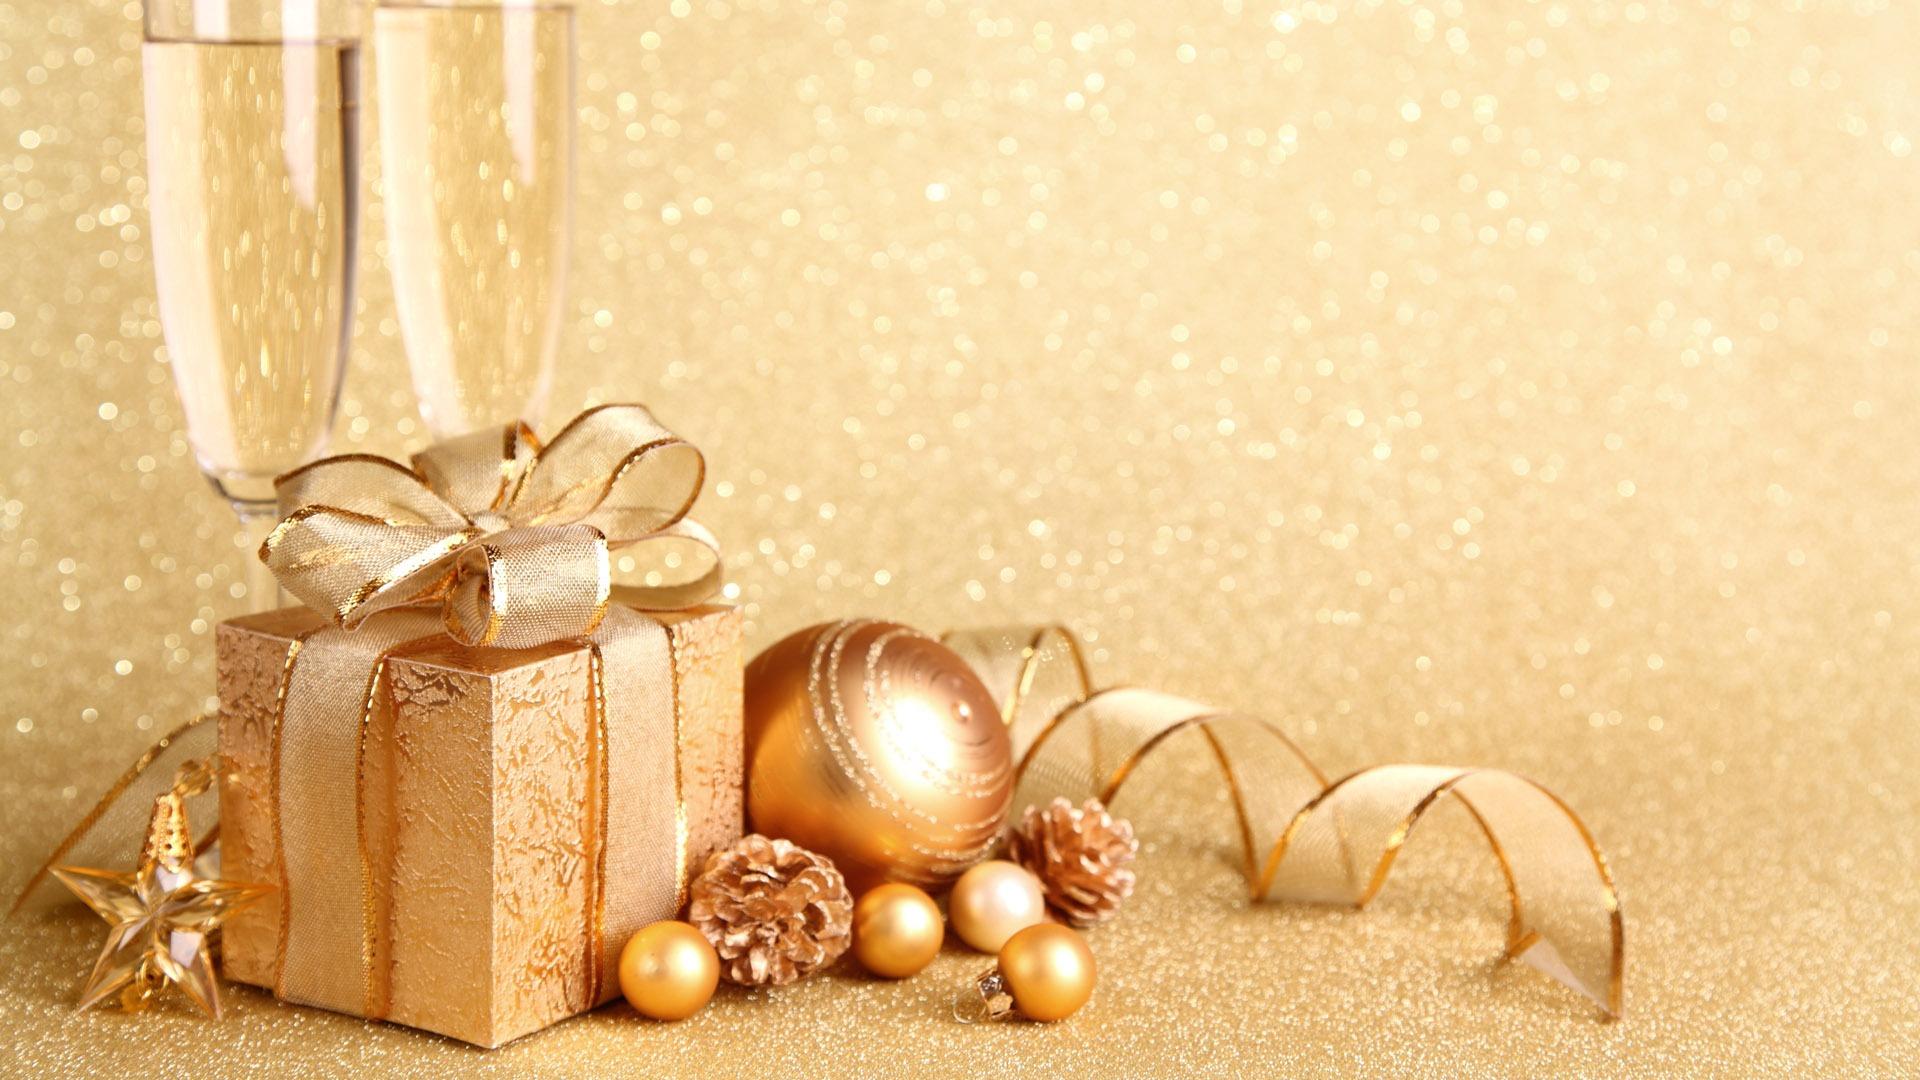 クリスマスボールの壁紙 2 6 19x1080 壁紙ダウンロード クリスマスボールの壁紙 2 祭り 壁紙 V3の壁紙